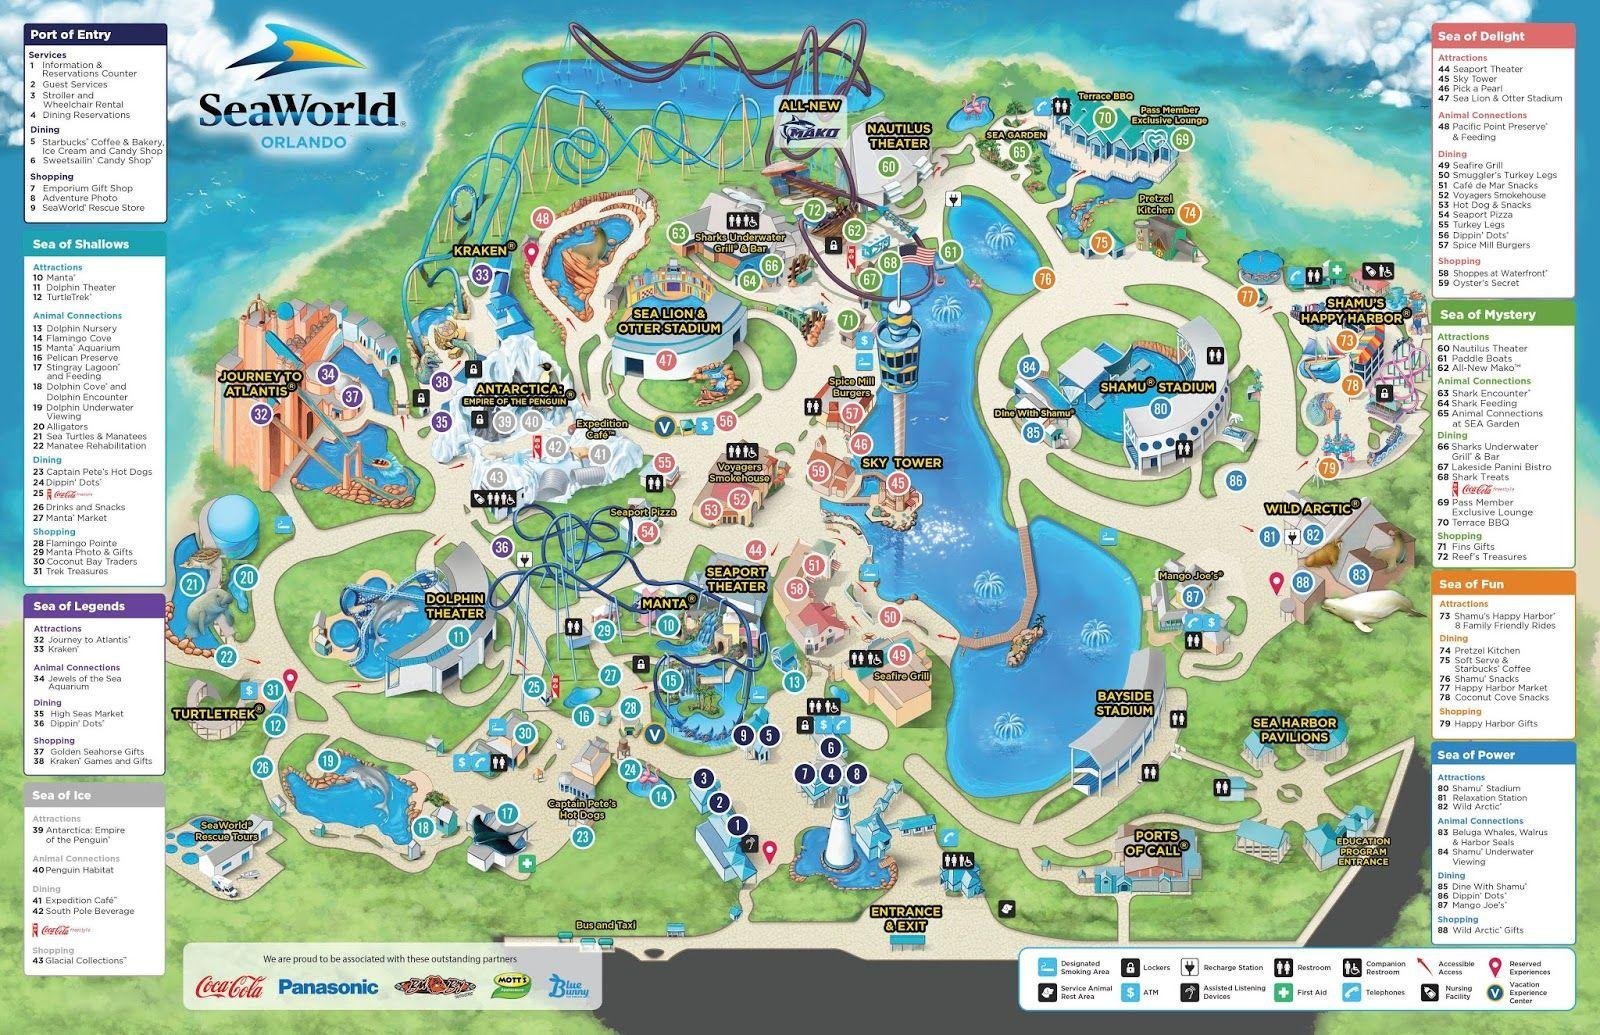 Seaworld Orlando Map - Map Of Seaworld (Florida - Usa) - Printable Map Of Sea World Orlando